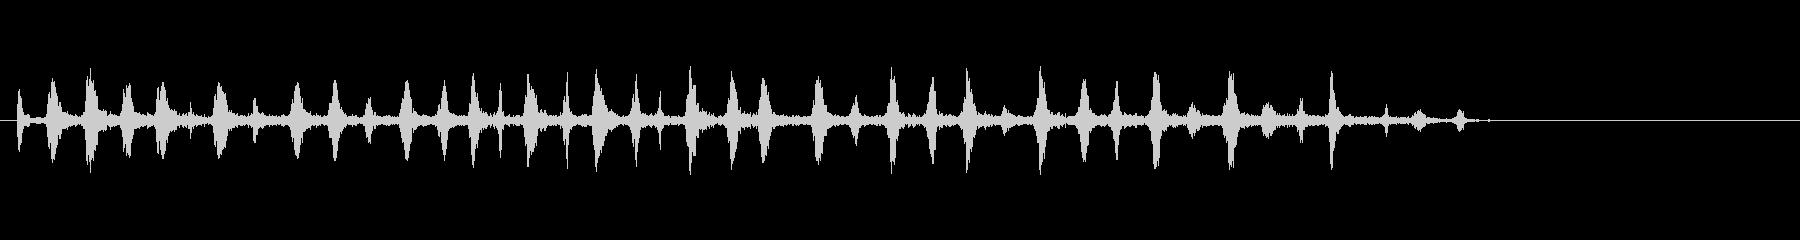 「ピピピ・・・・」水鳥の鳴き声の擬音の未再生の波形